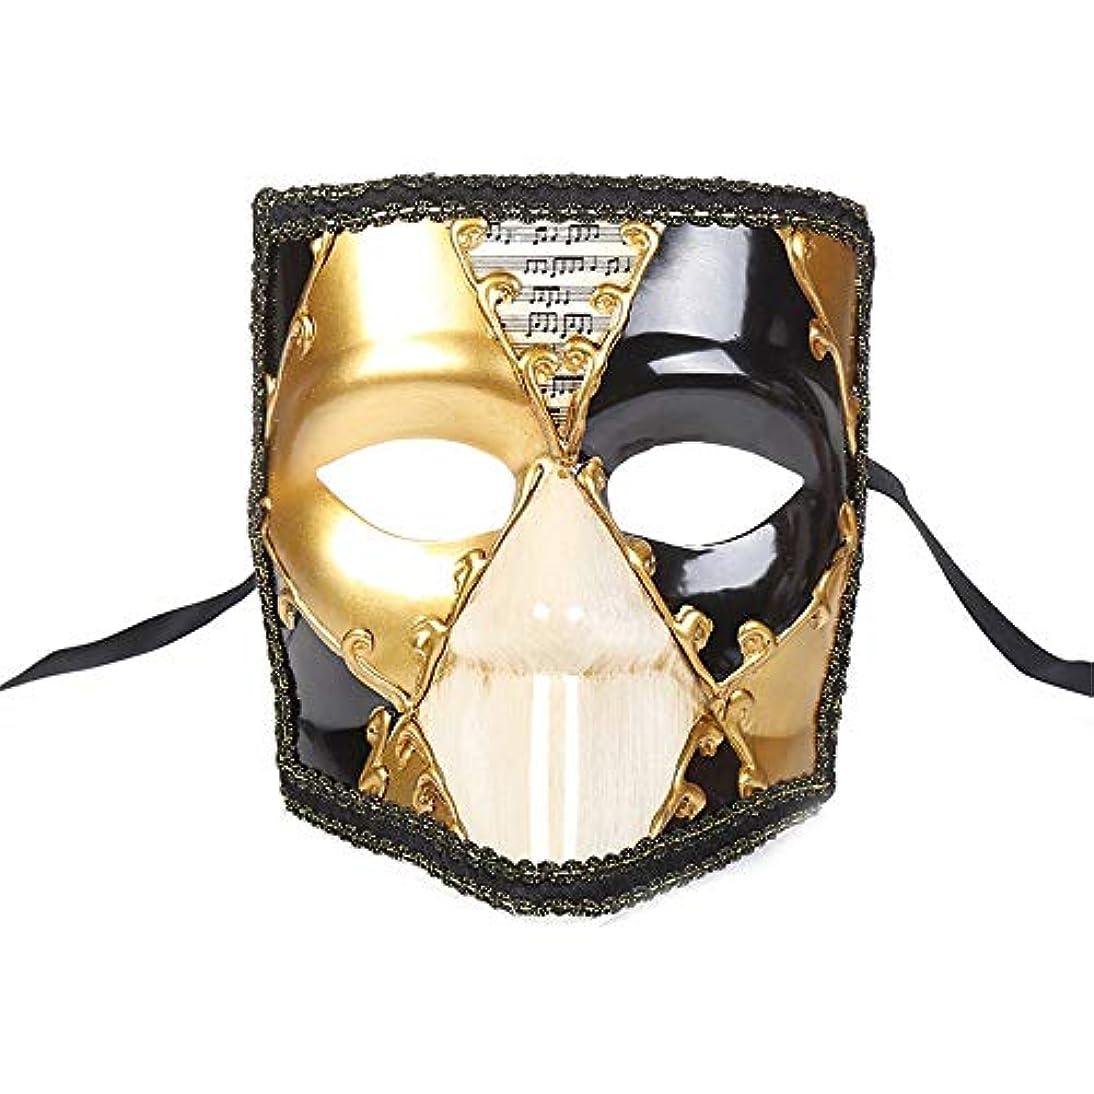 因子タイル戸惑うダンスマスク ピエロマスクヴィンテージマスカレードショーデコレーションコスプレナイトクラブプラスチック厚いマスク ホリデーパーティー用品 (色 : 黄, サイズ : 18x15cm)